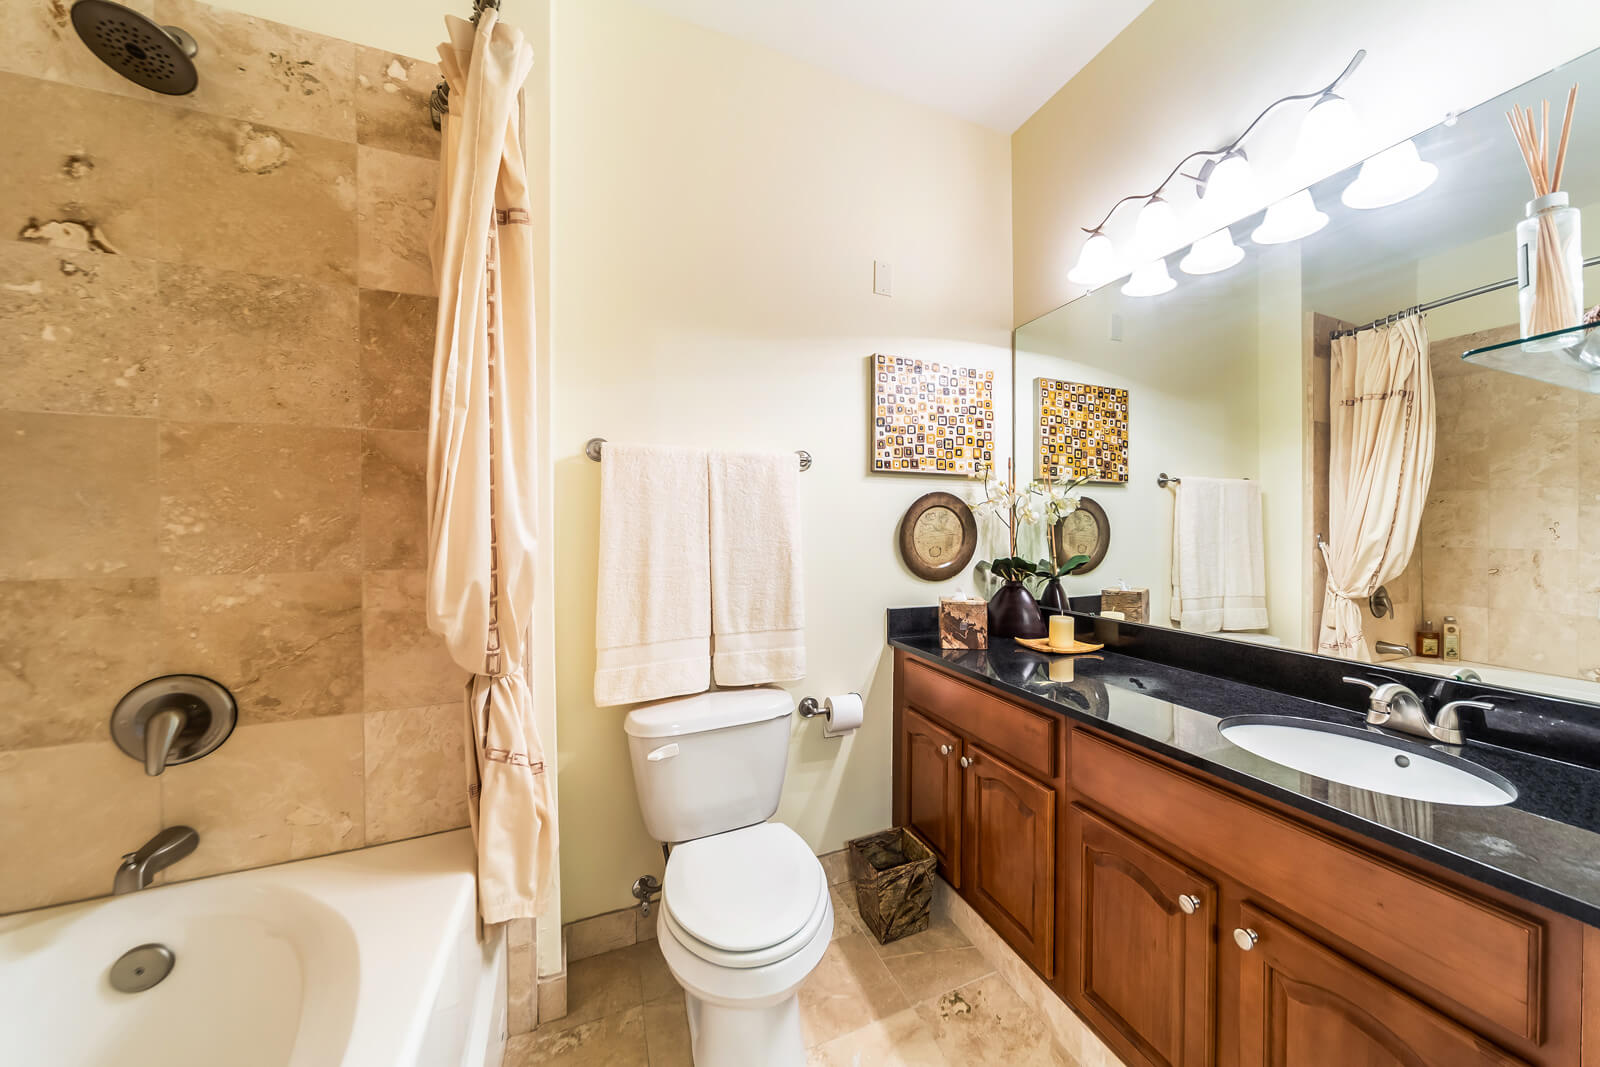 The Regent Bathroom